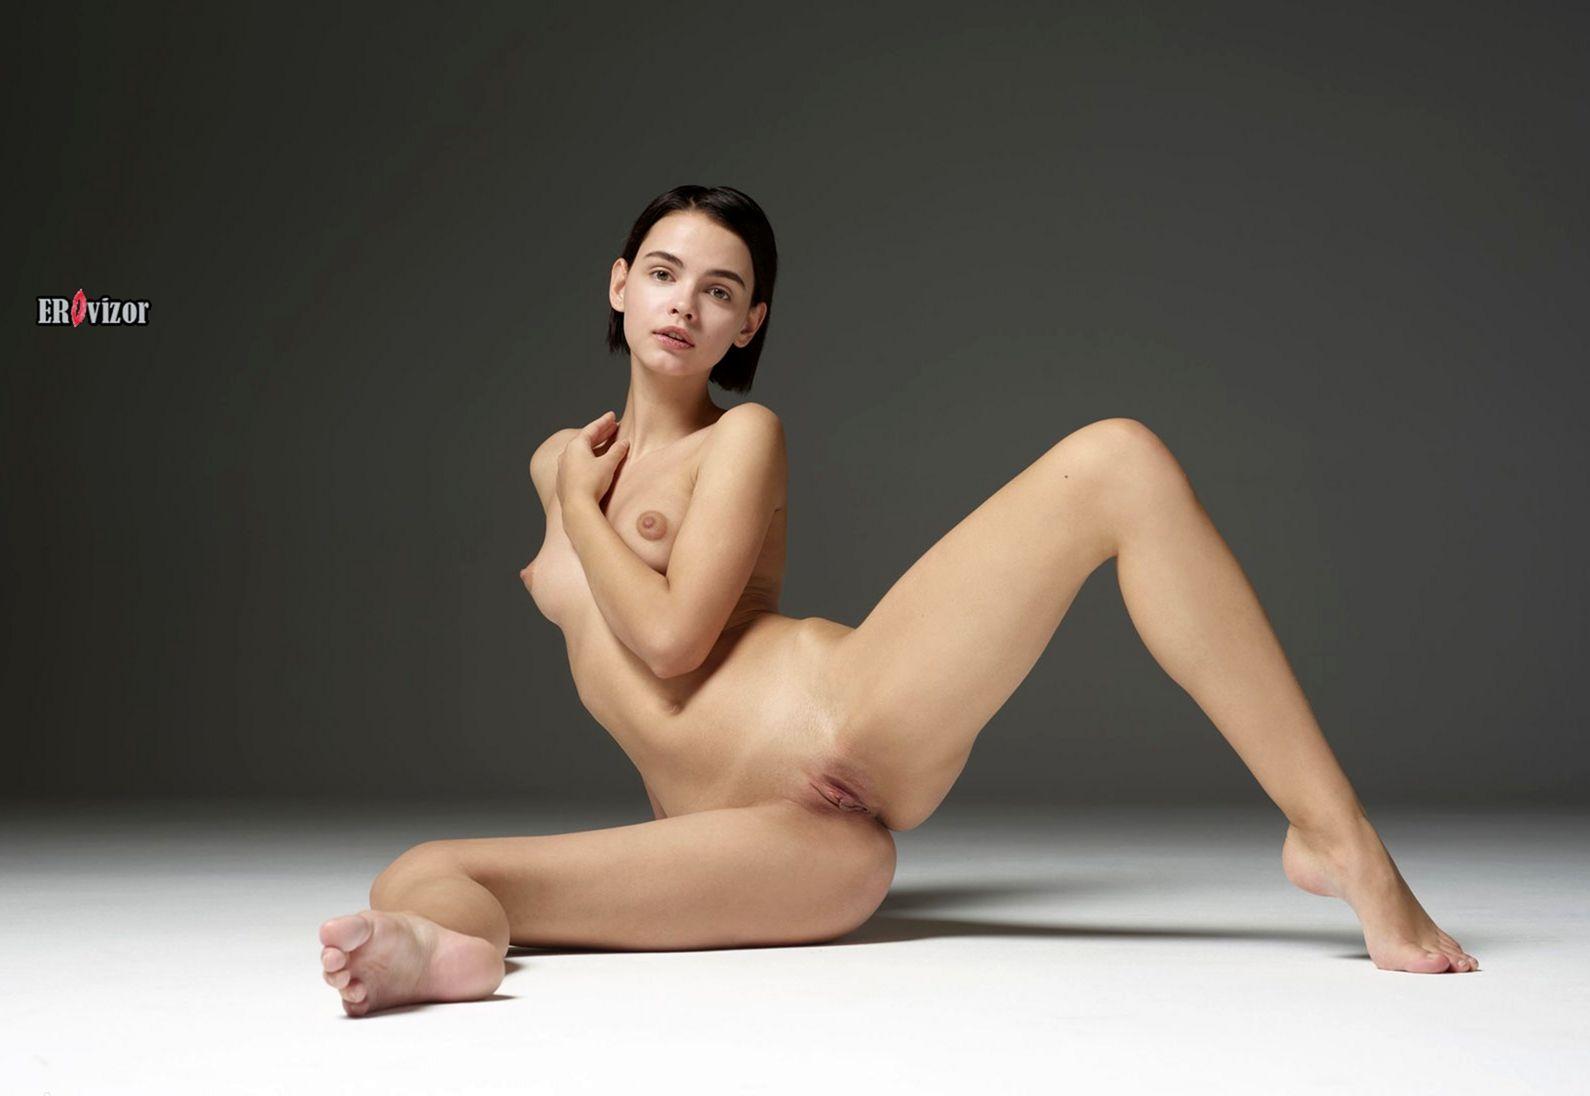 Стройная брюнетка с каре голая в студии